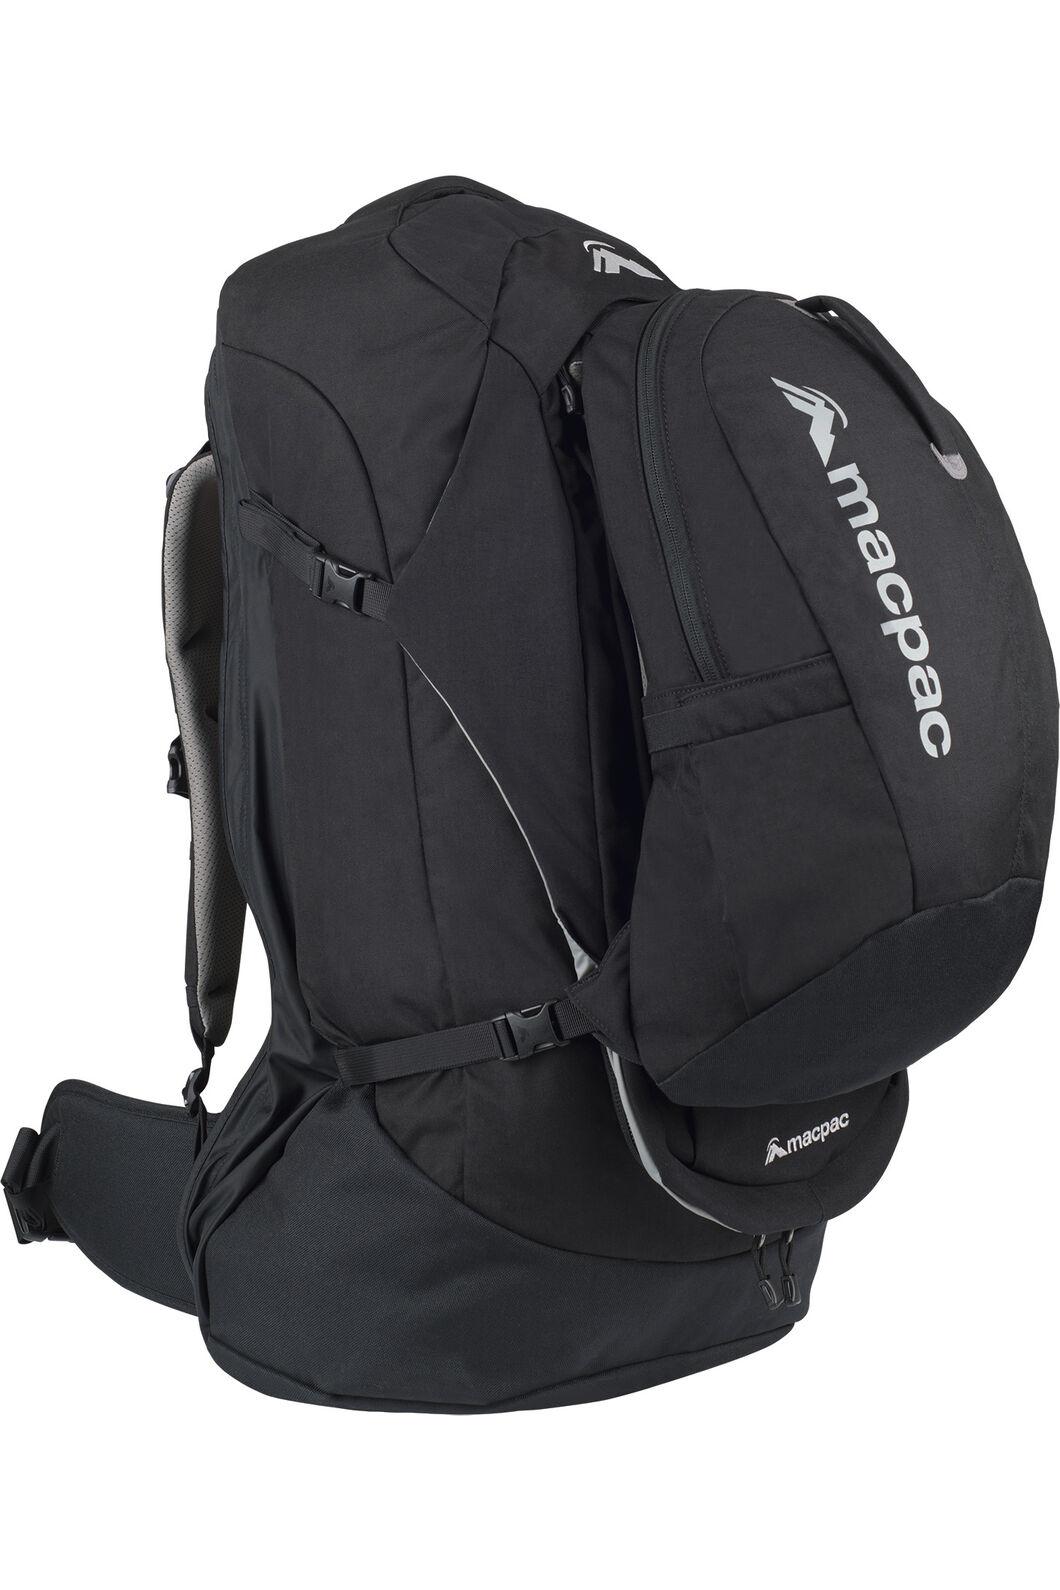 Macpac Pegasus 70L Pack, Black, hi-res